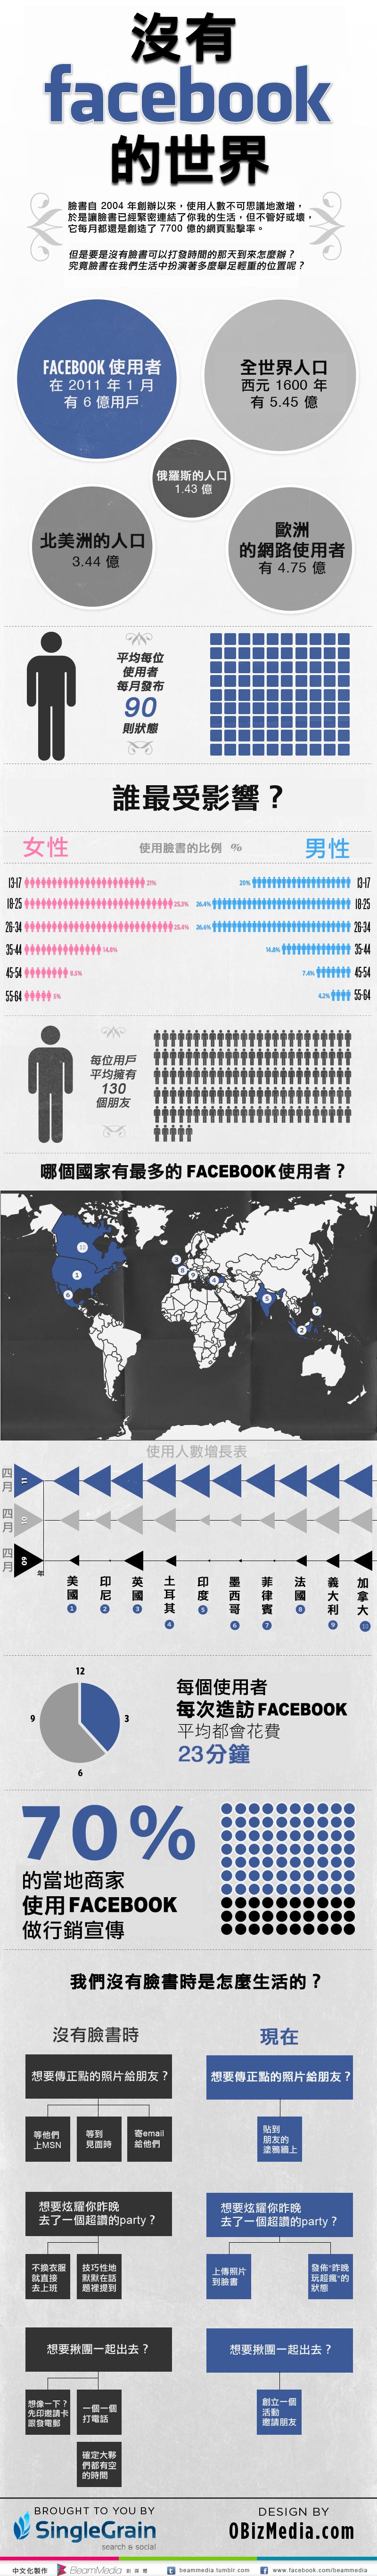 如果沒有 Facebook。會是什麼樣的世界? | T客邦